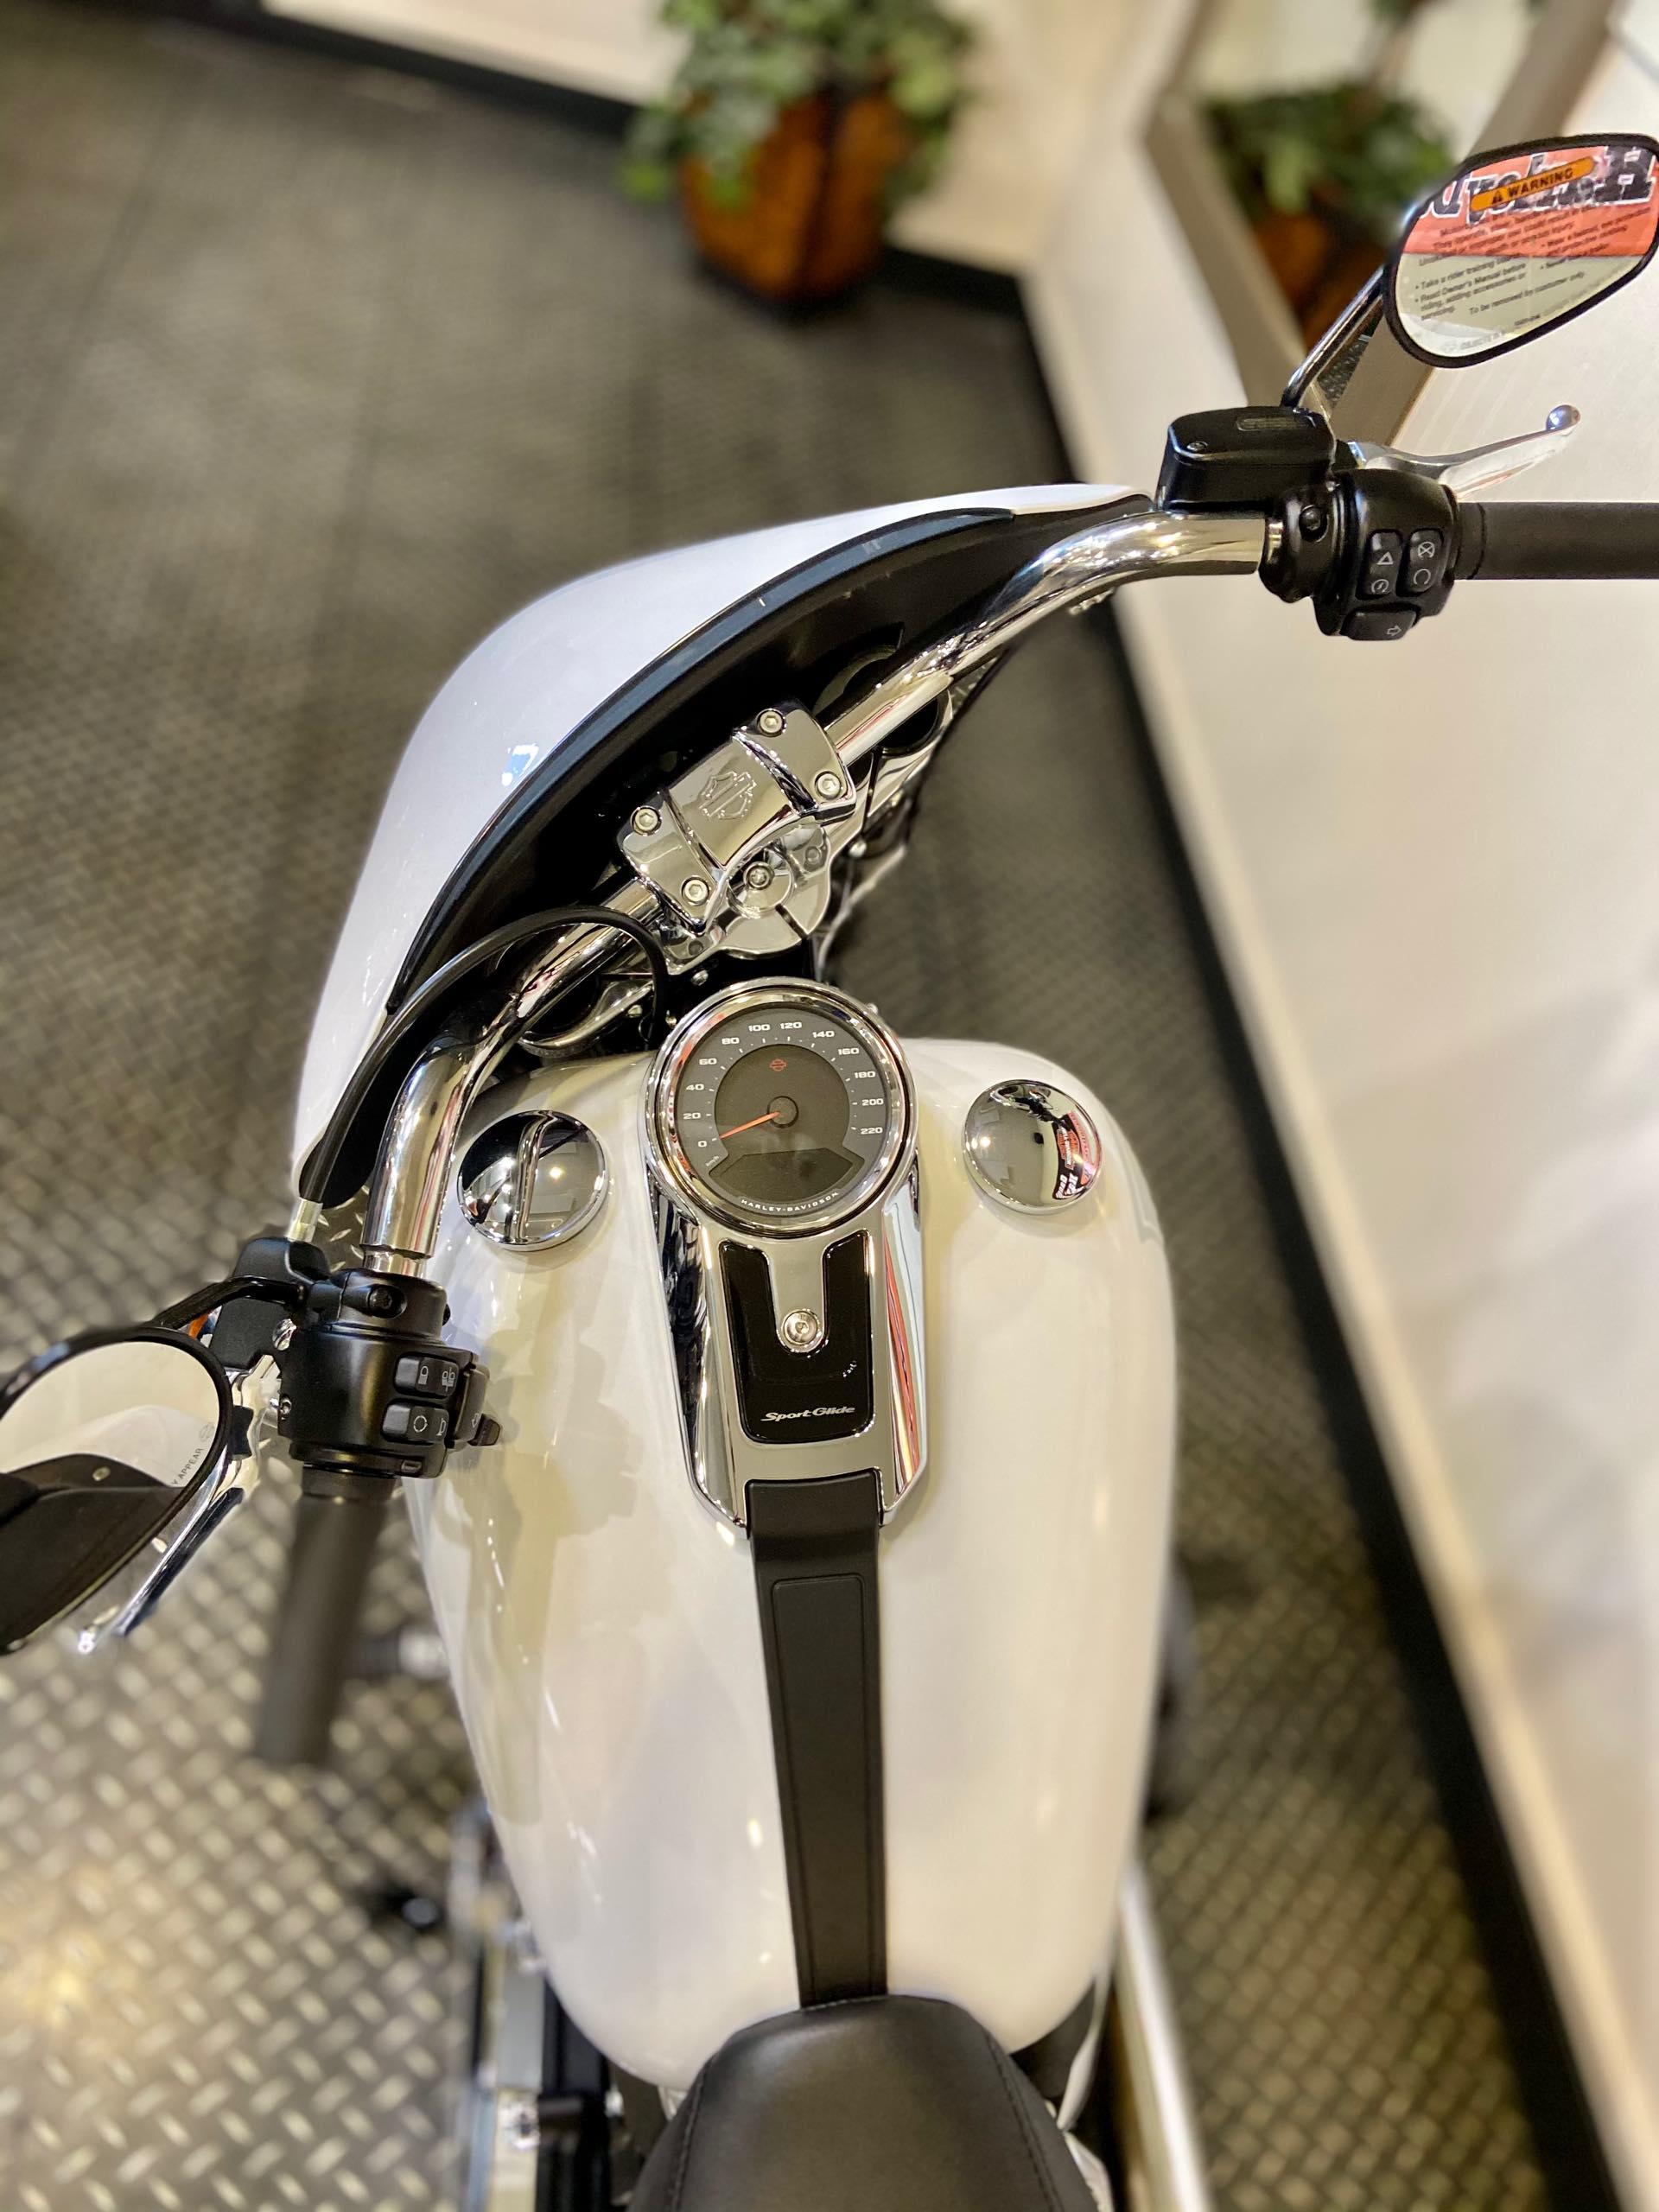 2021 Harley-Davidson Cruiser FLSB Sport Glide at Gasoline Alley Harley-Davidson (Red Deer)